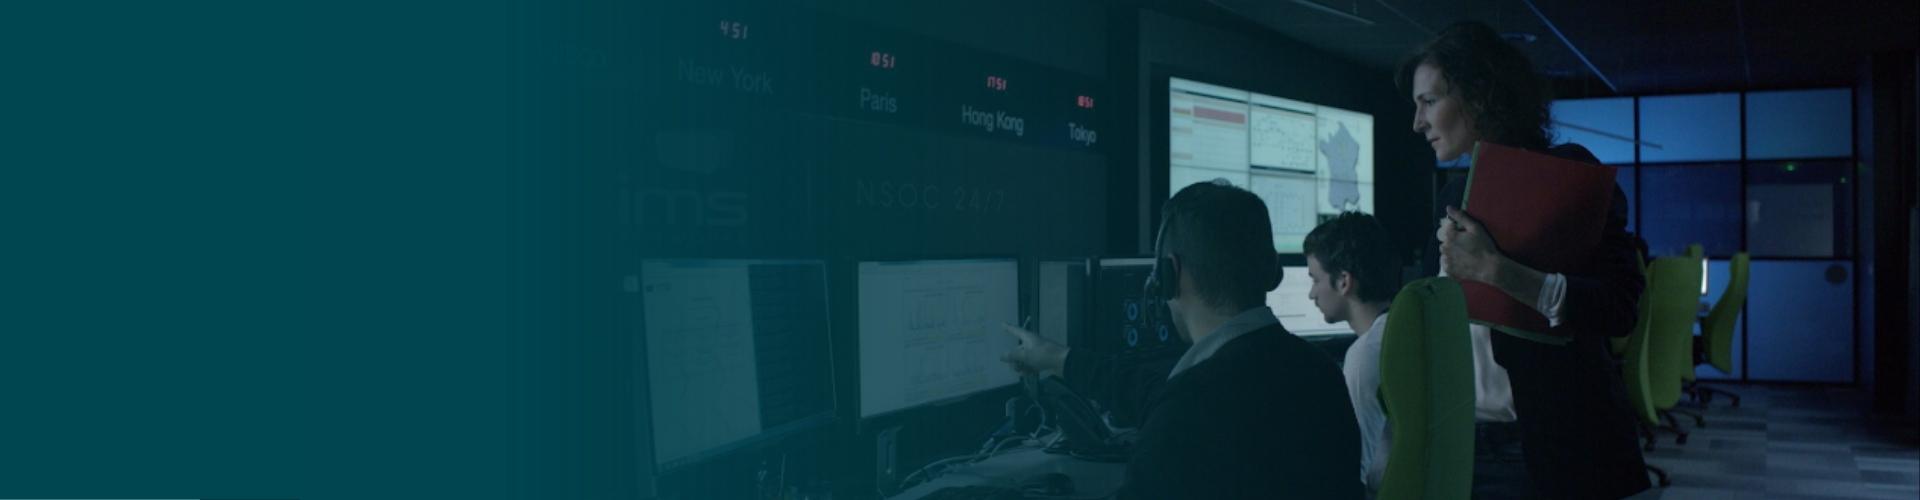 Cyber SOC détection et réponse à incident